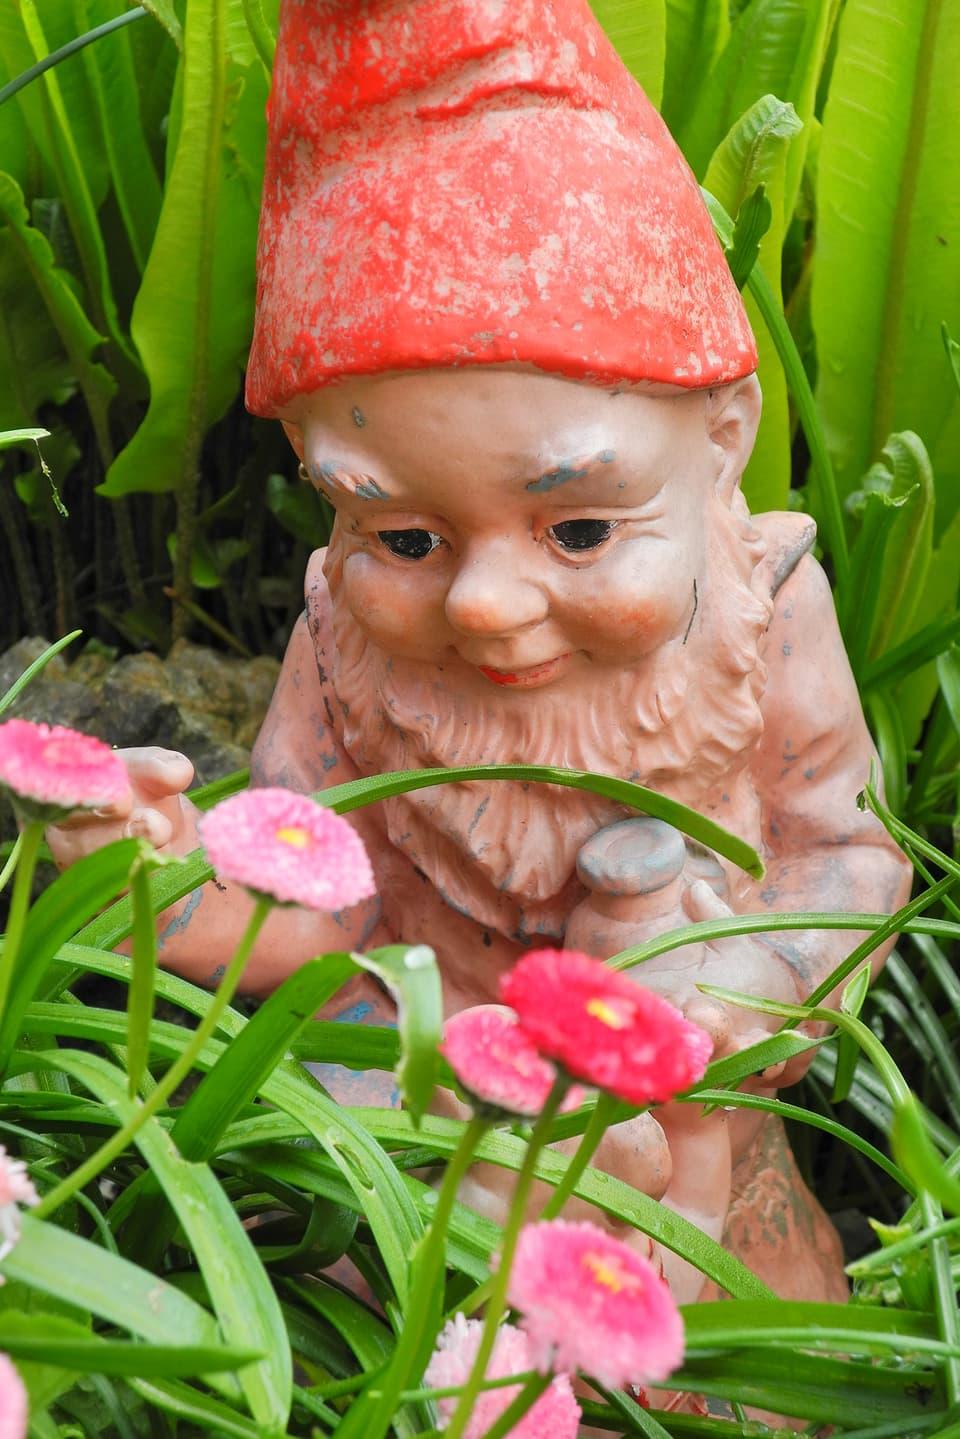 Nahaufnahme eines Gartenzwerges mit je einem Gefäss in der Hand. Er ist erdfarbi und trägt eine rote Zipfelmütze. Darauf sind Spuren des Alters zu sehen. Der Zwerg sitzt mit seinen Lachfalten inmitten von Gartenbürstelis (Bellis perennis).